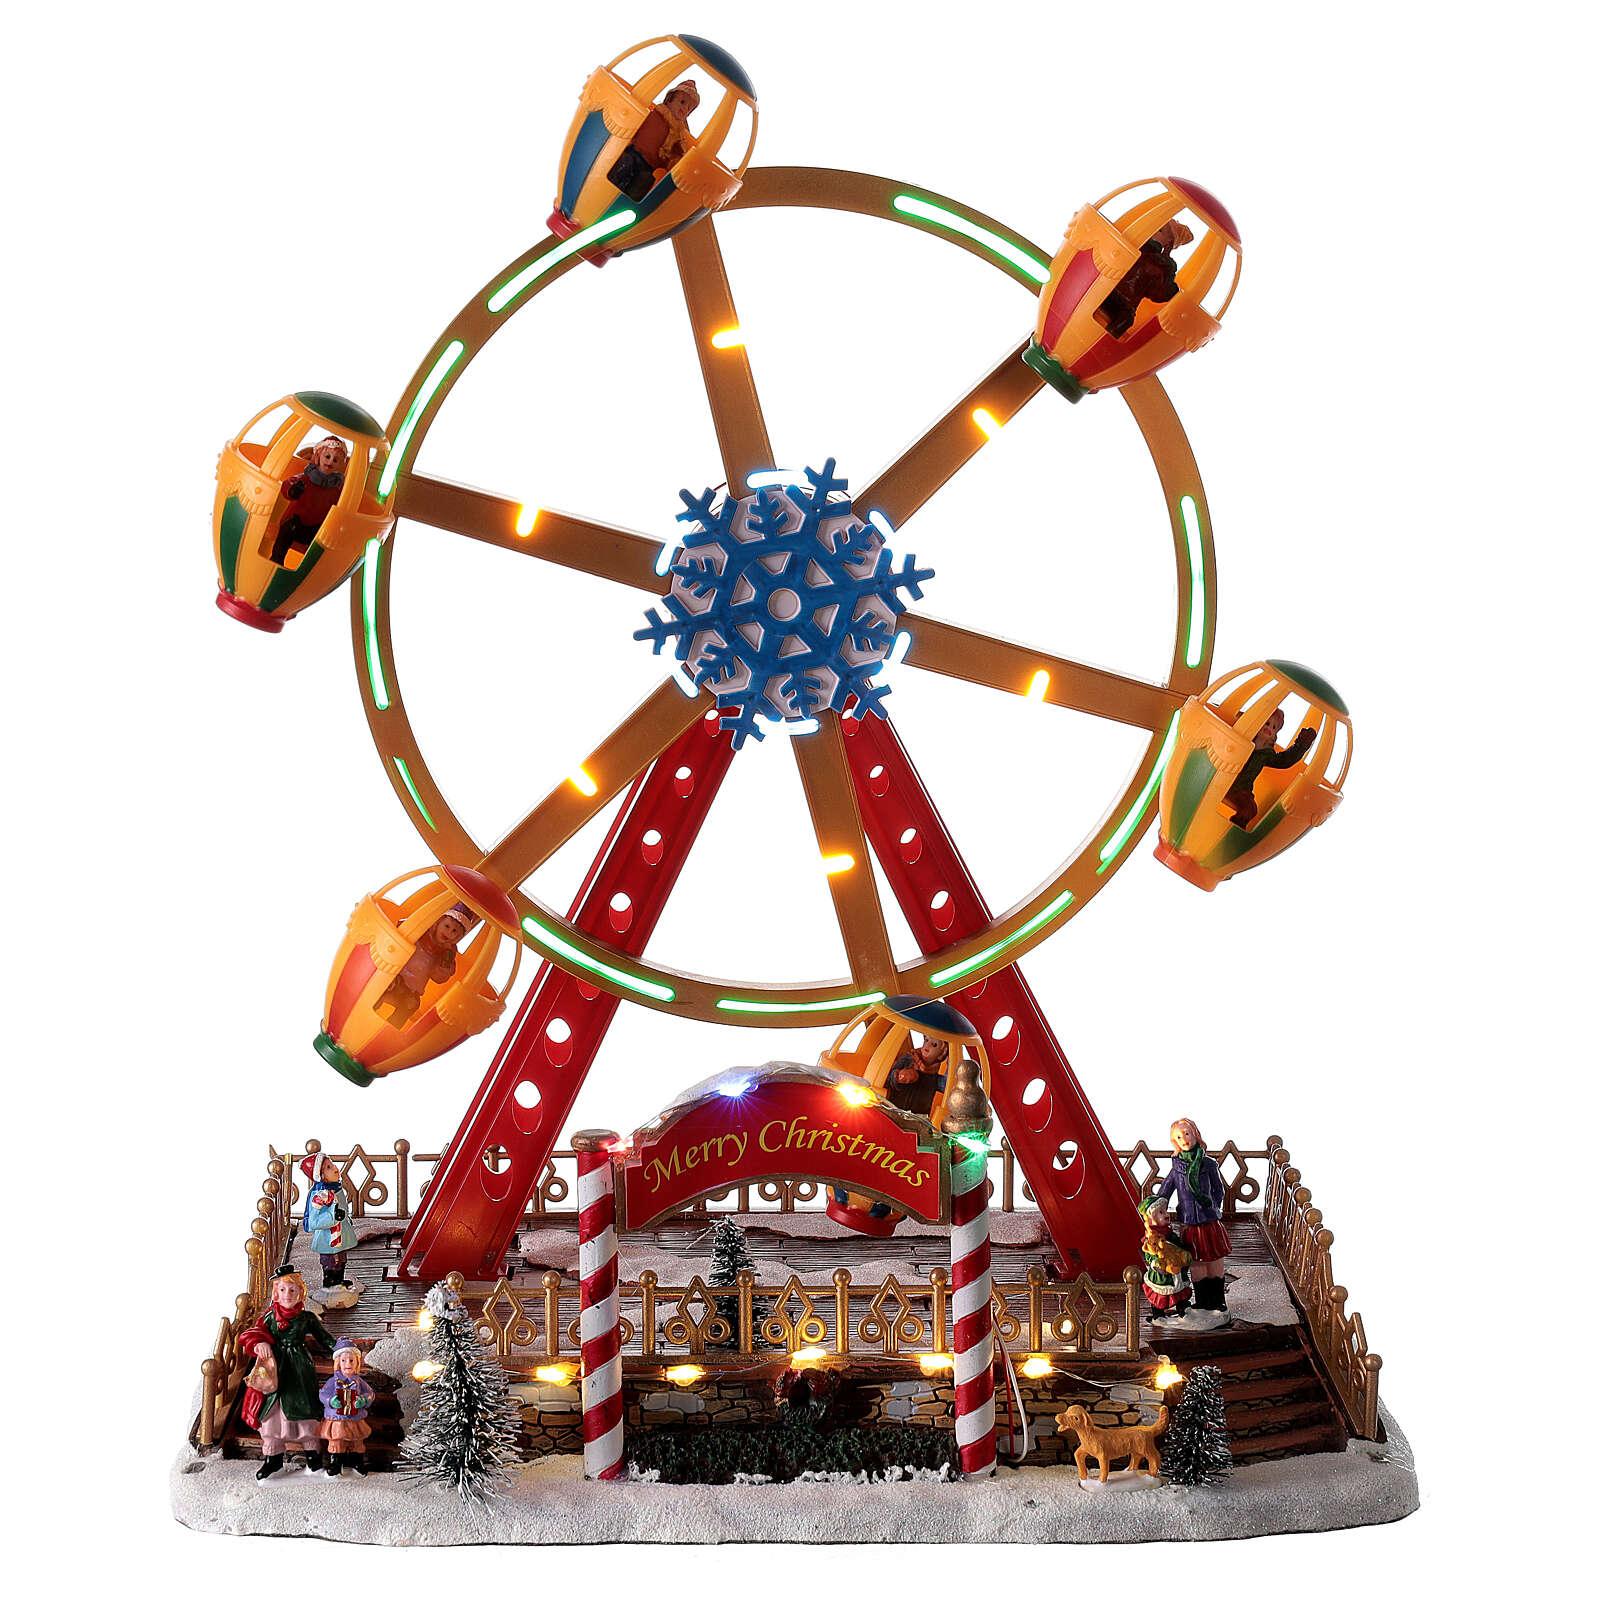 Décor foire de Noël lumières musique roue panoramique 40x30x30 cm 3